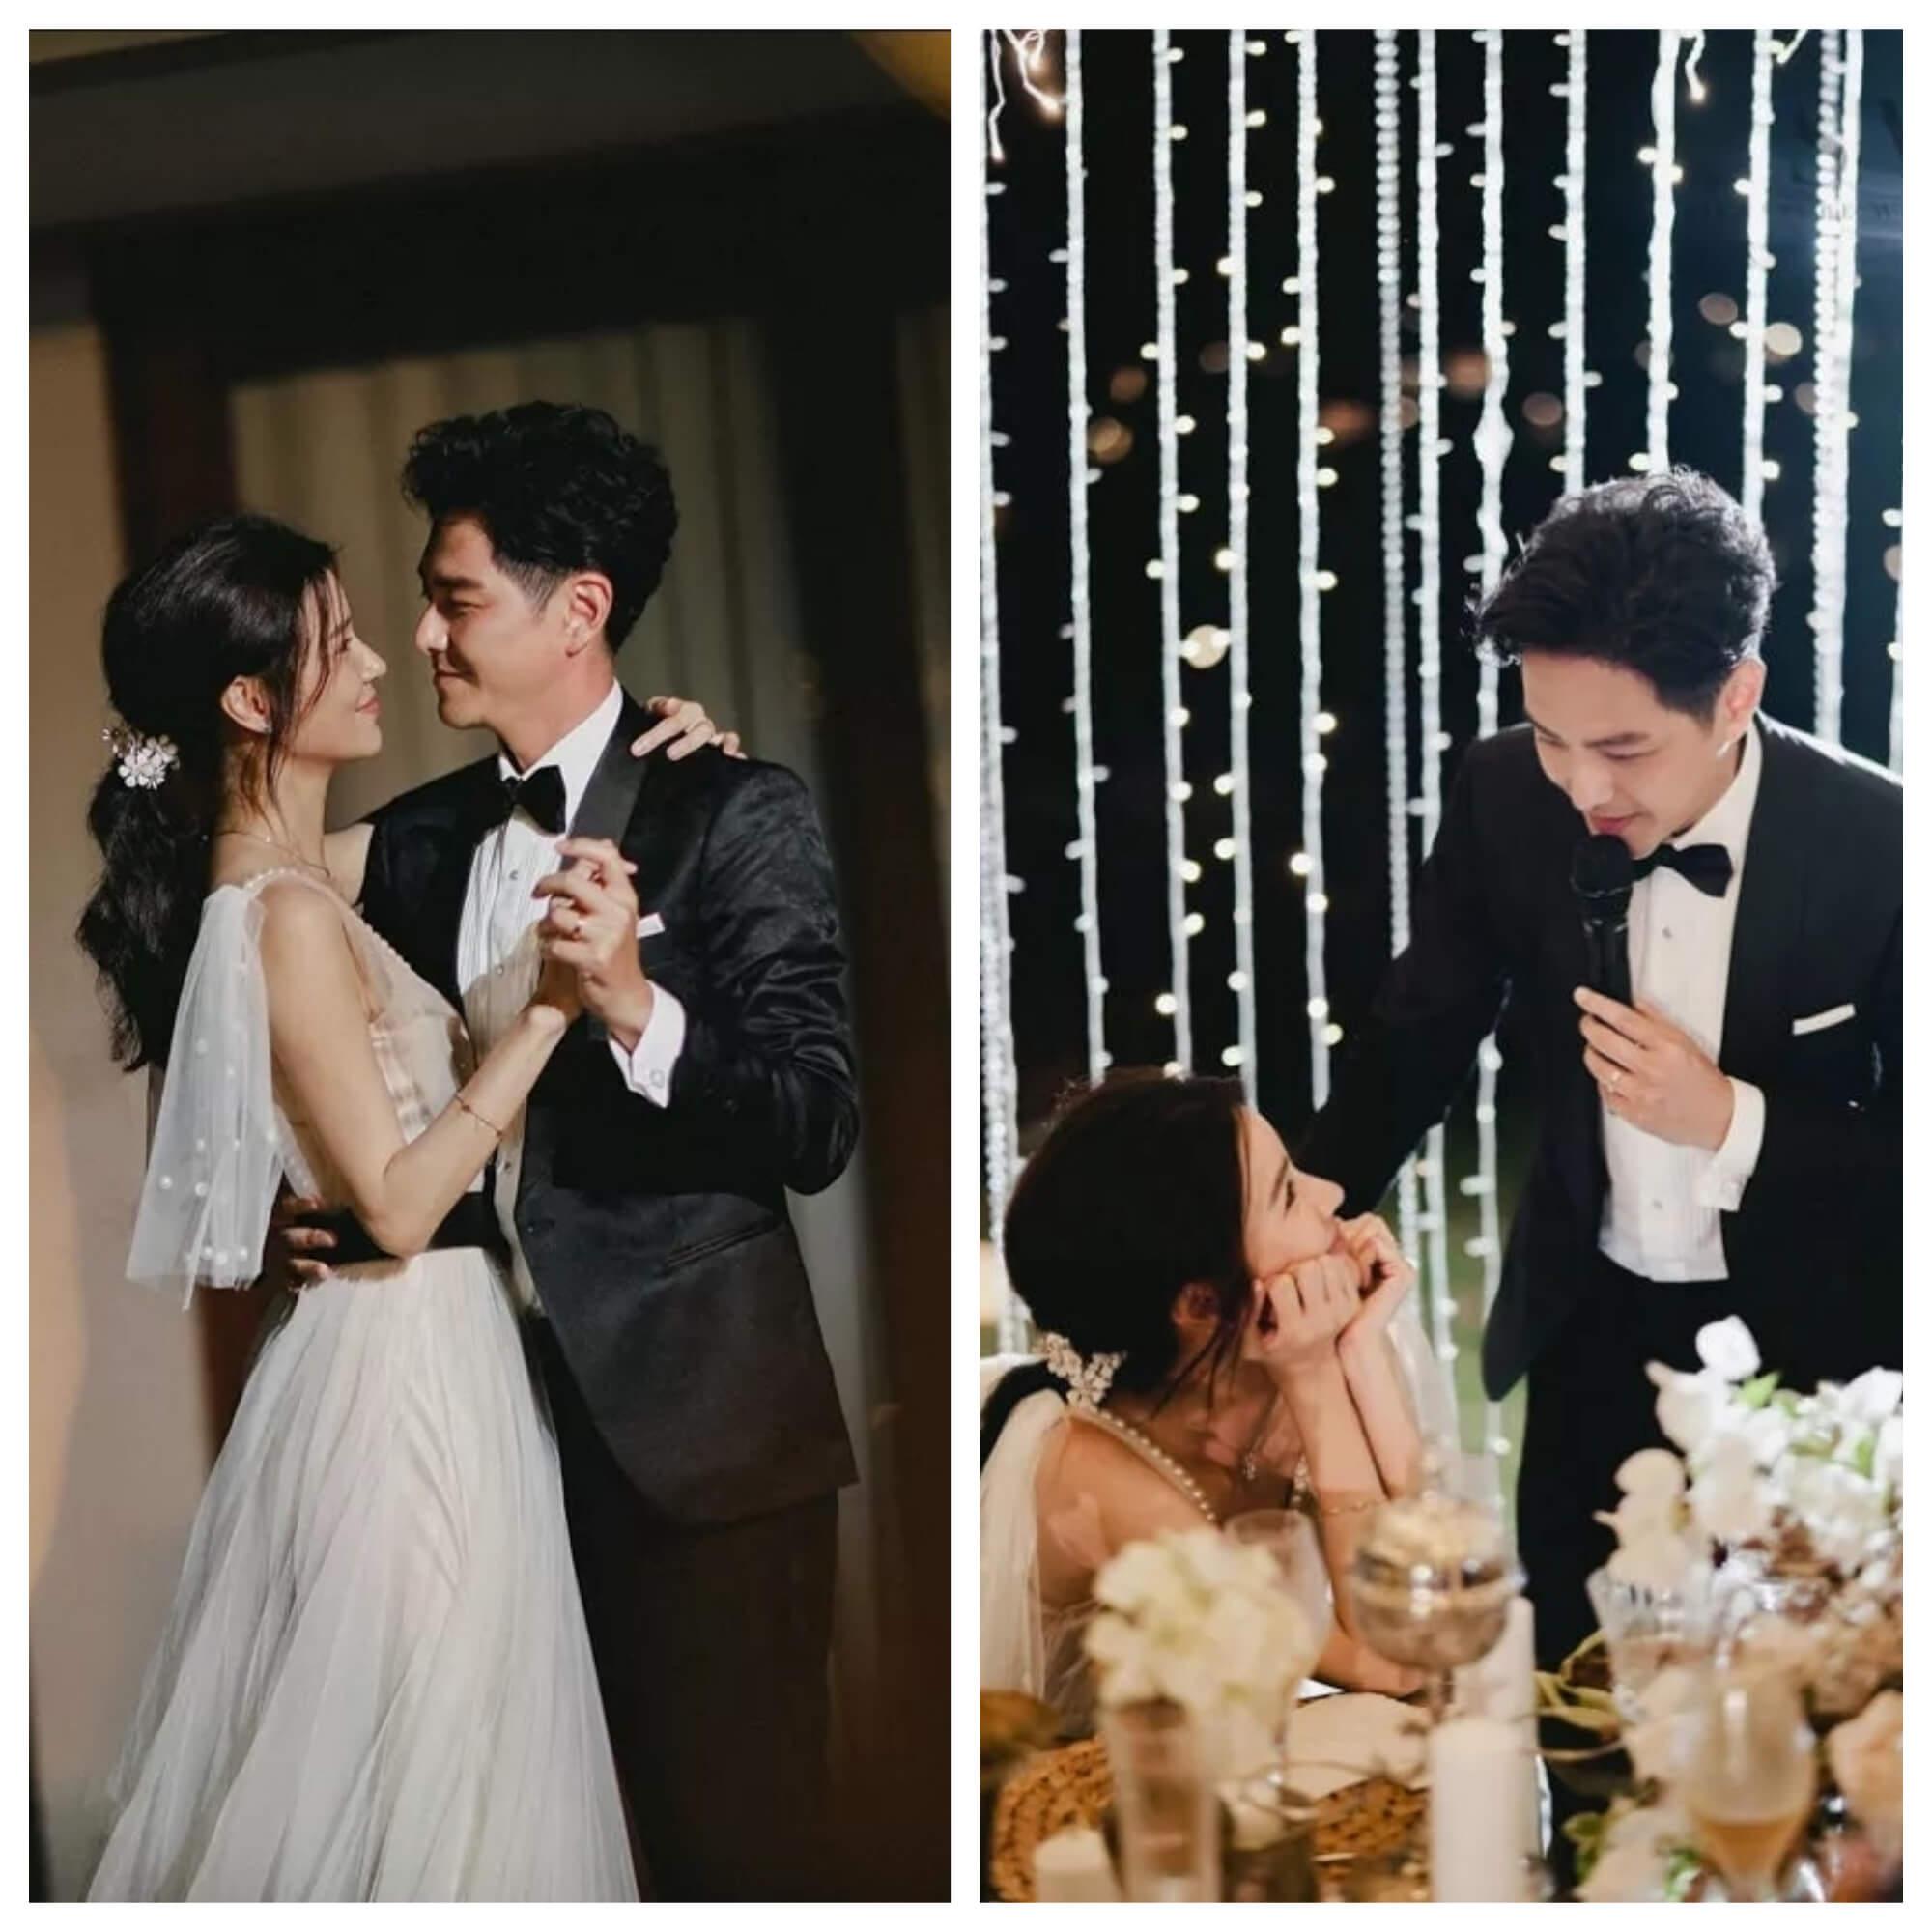 婚宴上兩人共舞,翠如對老公的一言一語都表現出陶醉的模樣。